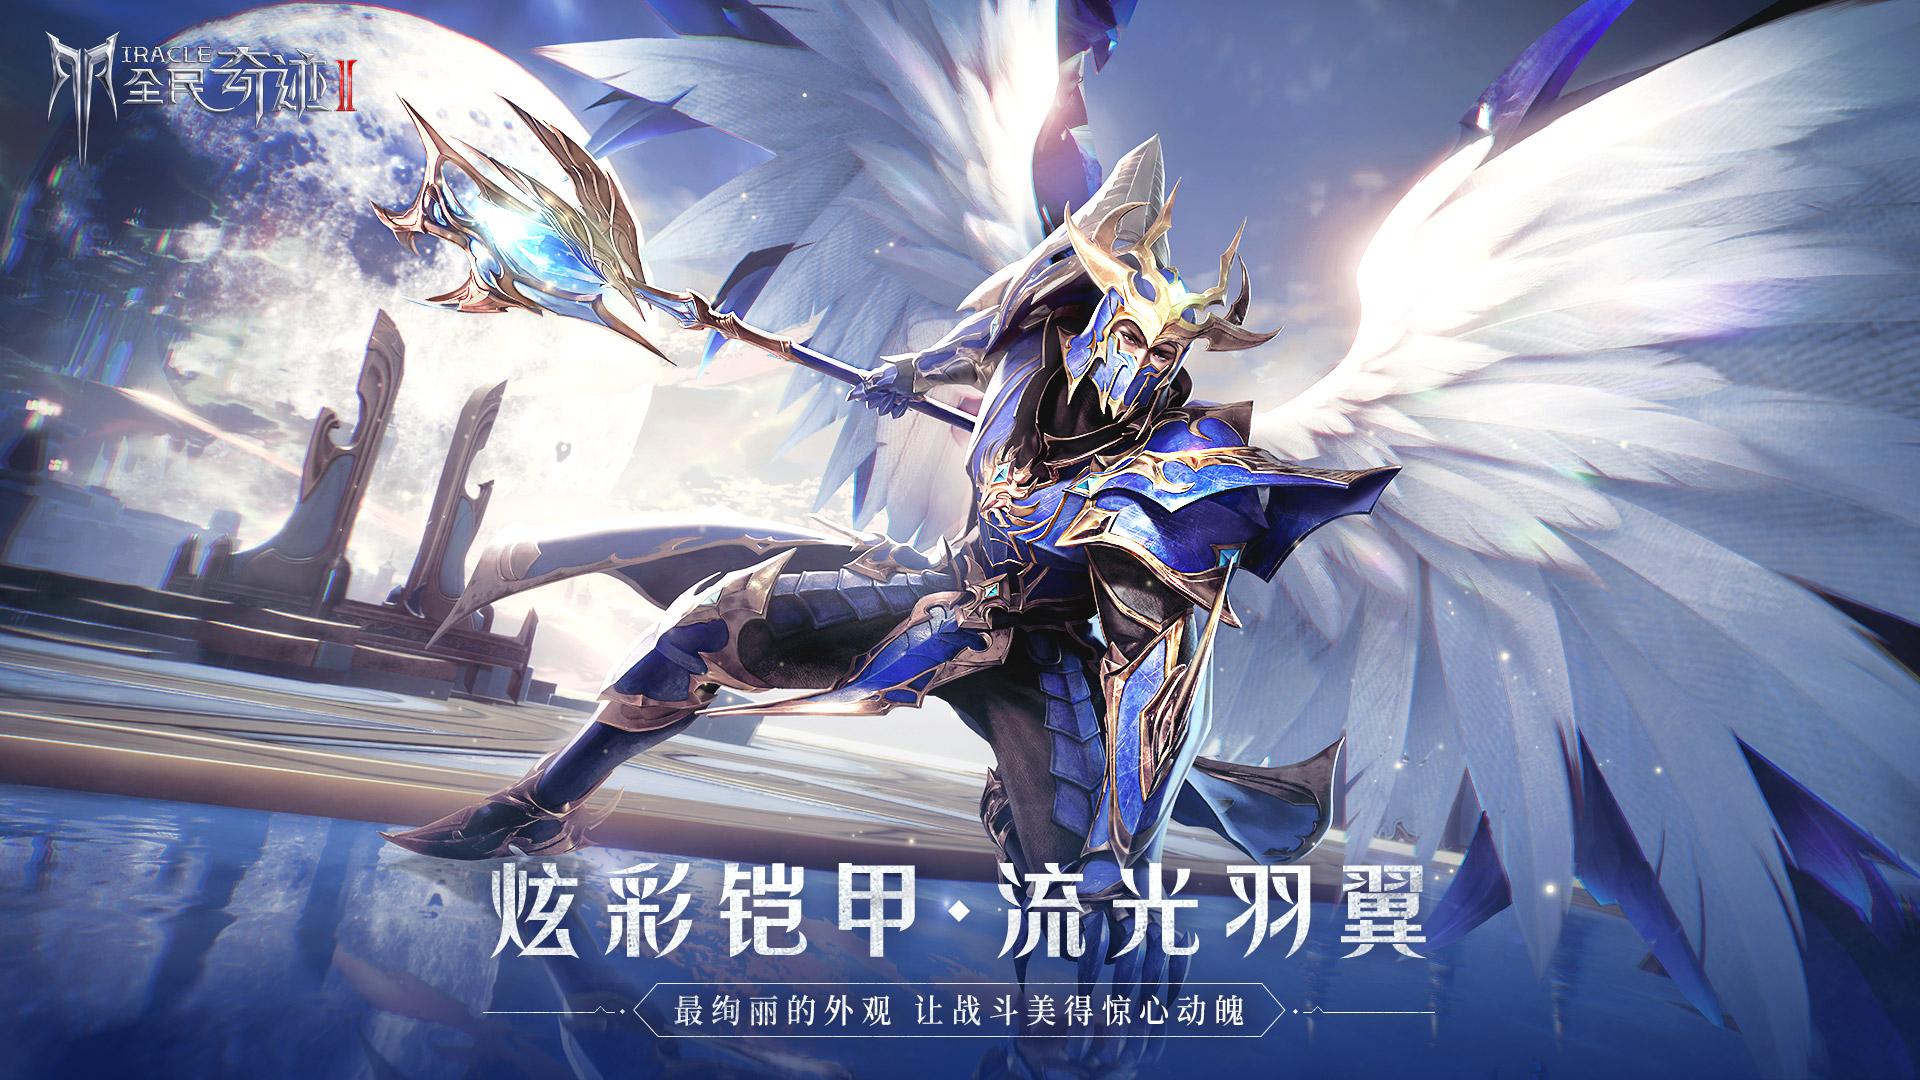 全民奇迹2 2020ChinaJoy绽放终极华丽 全平台预约正式开启